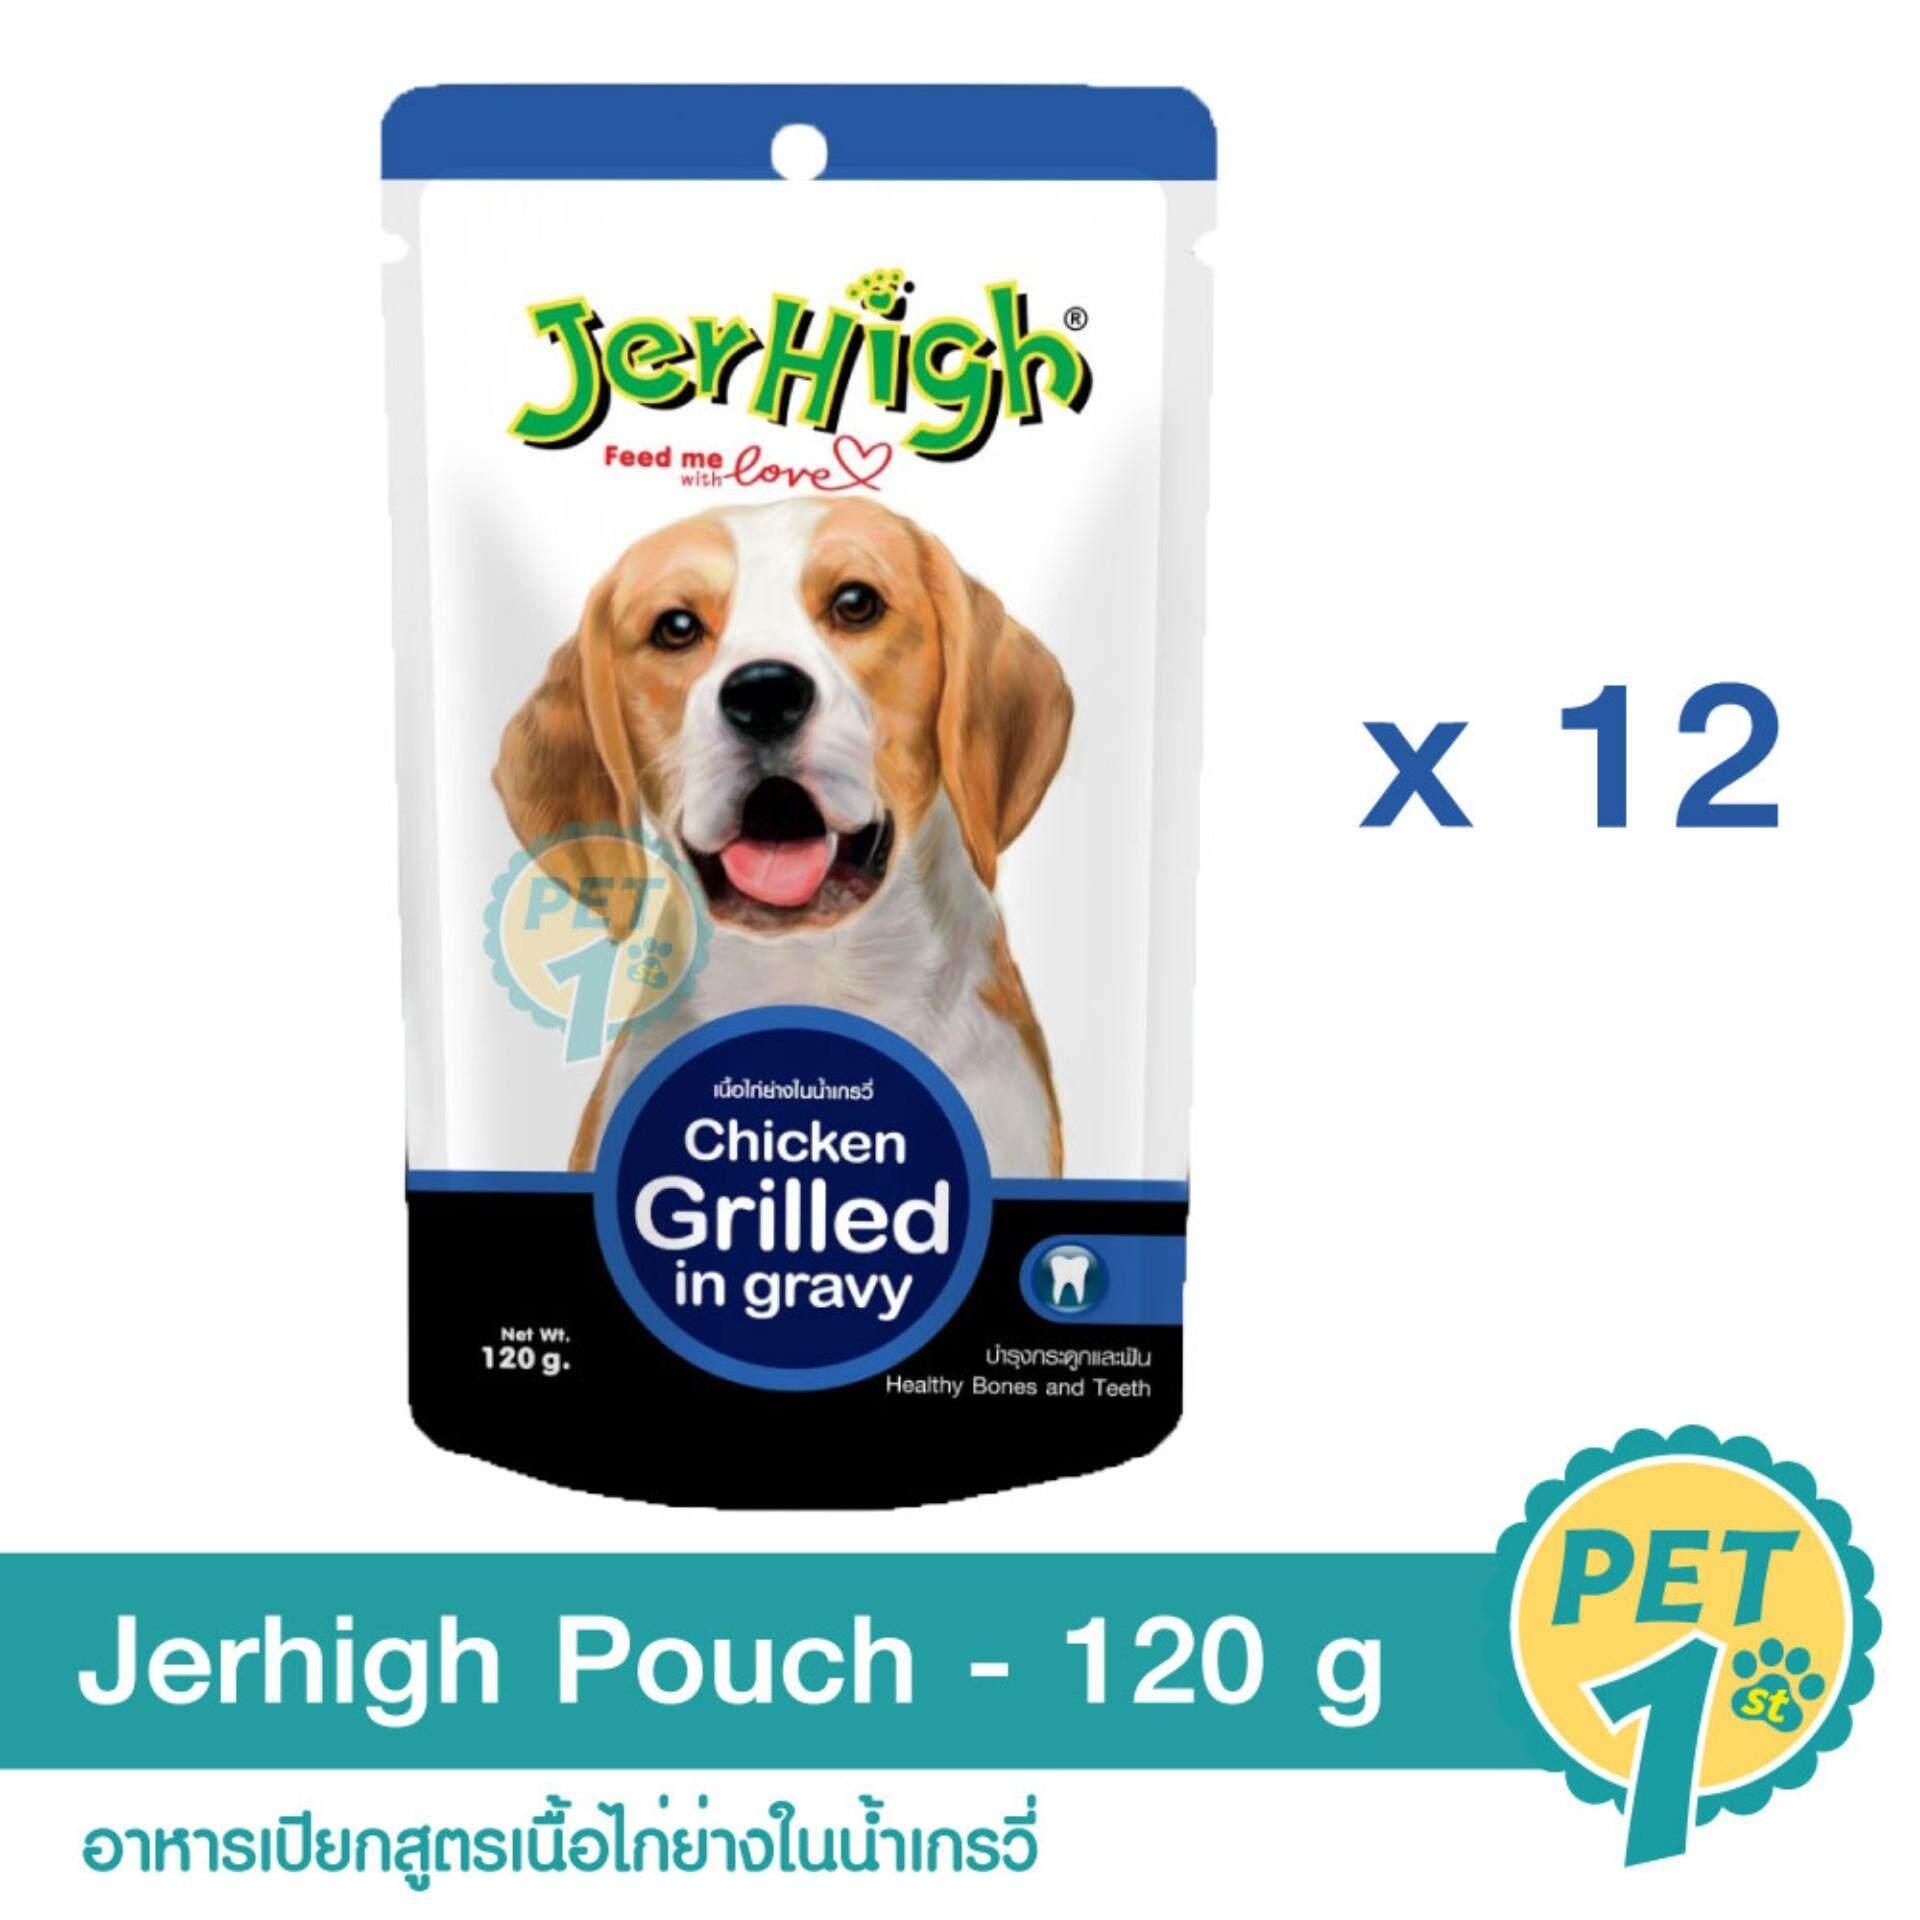 Jerhigh อาหารเปียกสุนัข สูตรเนื้อไก่ย่างในน้ำเกรวี่ สำหรับสุนัขทุกสายพันธุ์ 120 กรัม - 12 ซอง.